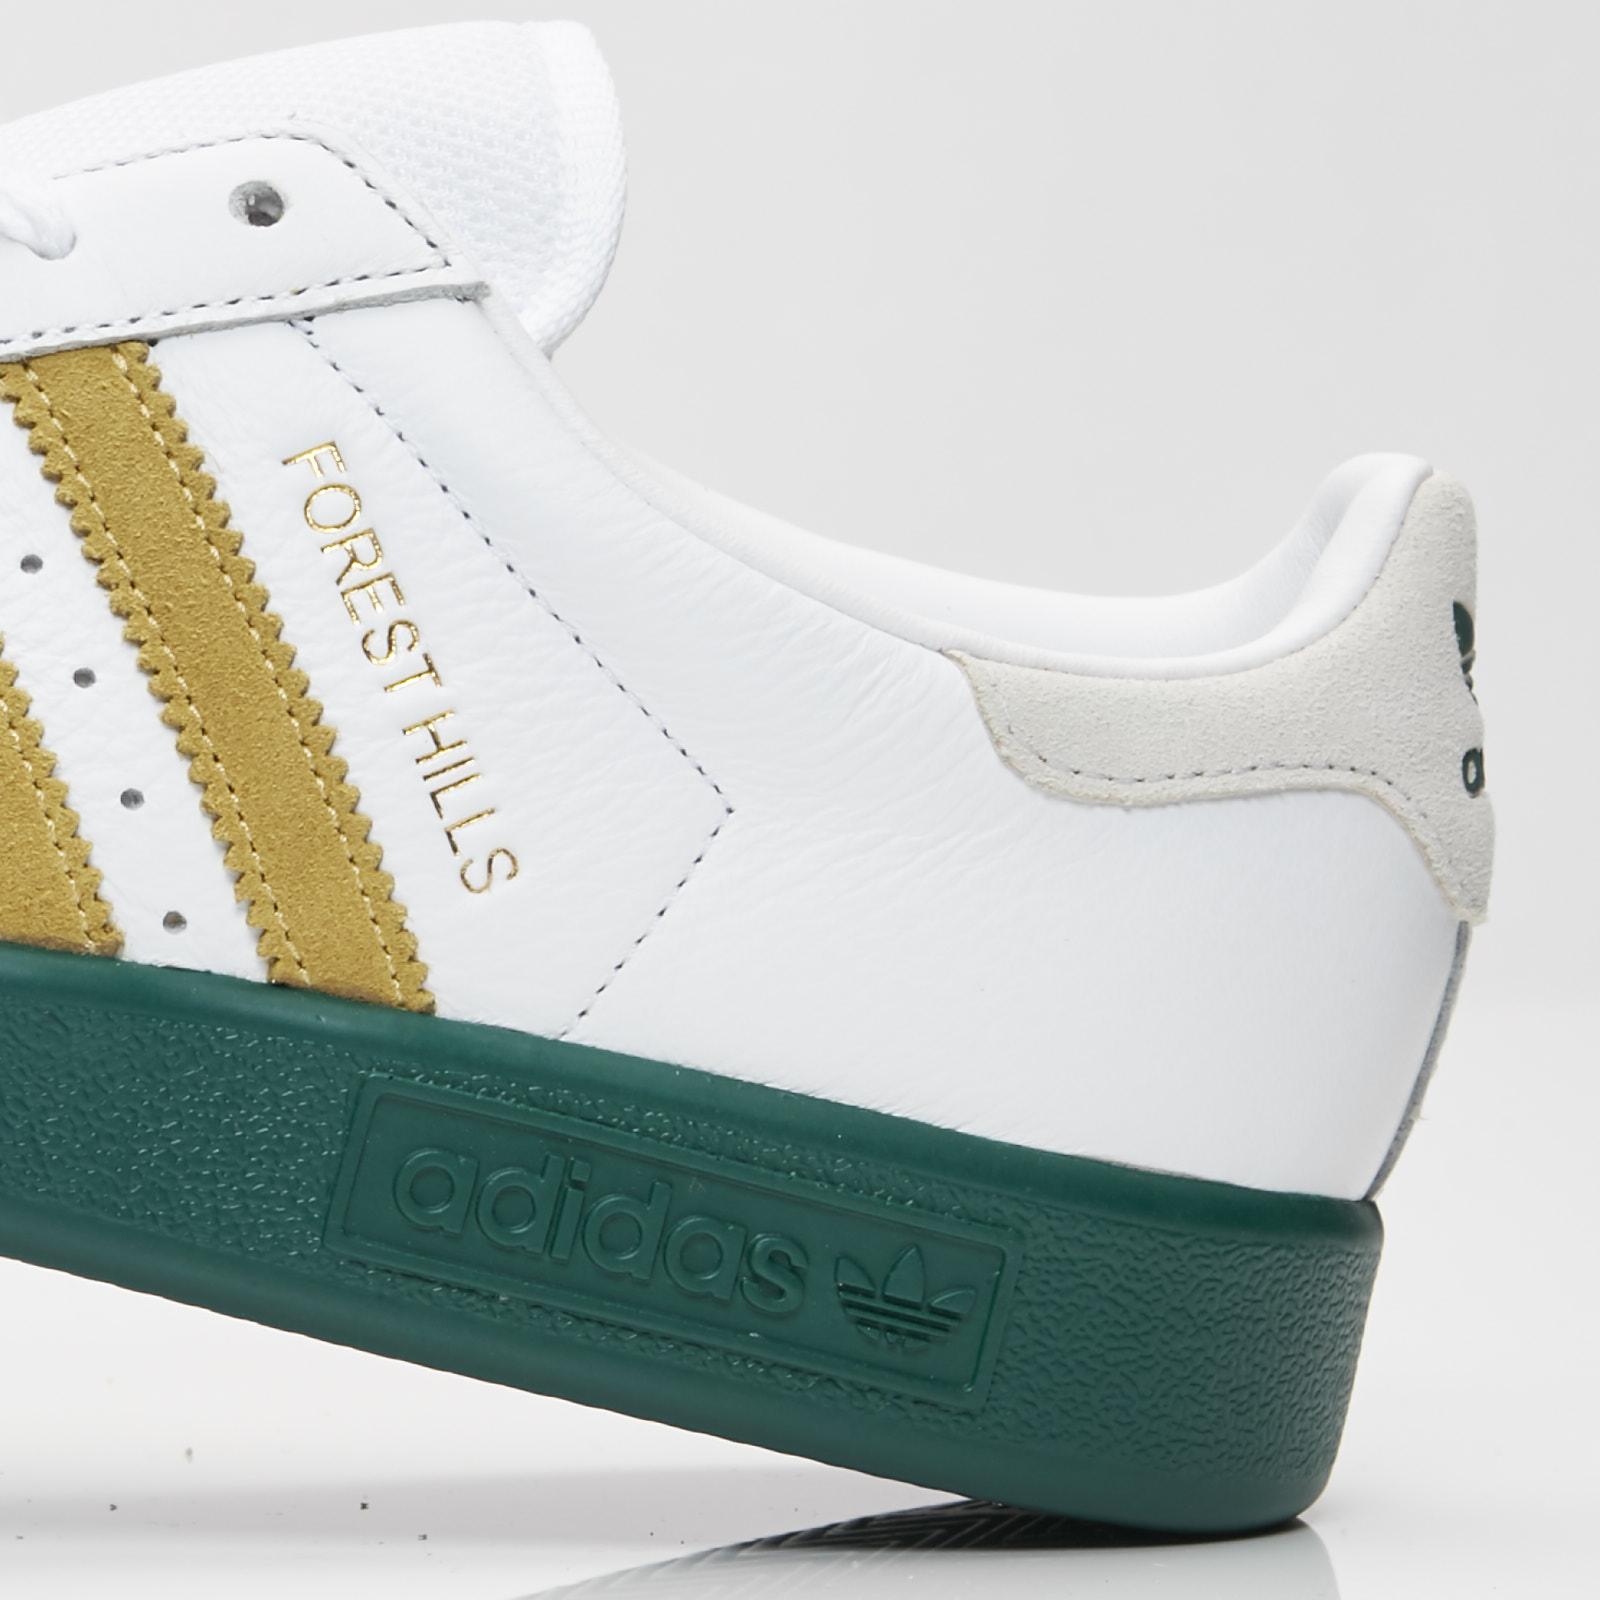 adidas Forest Hills - Aq0921